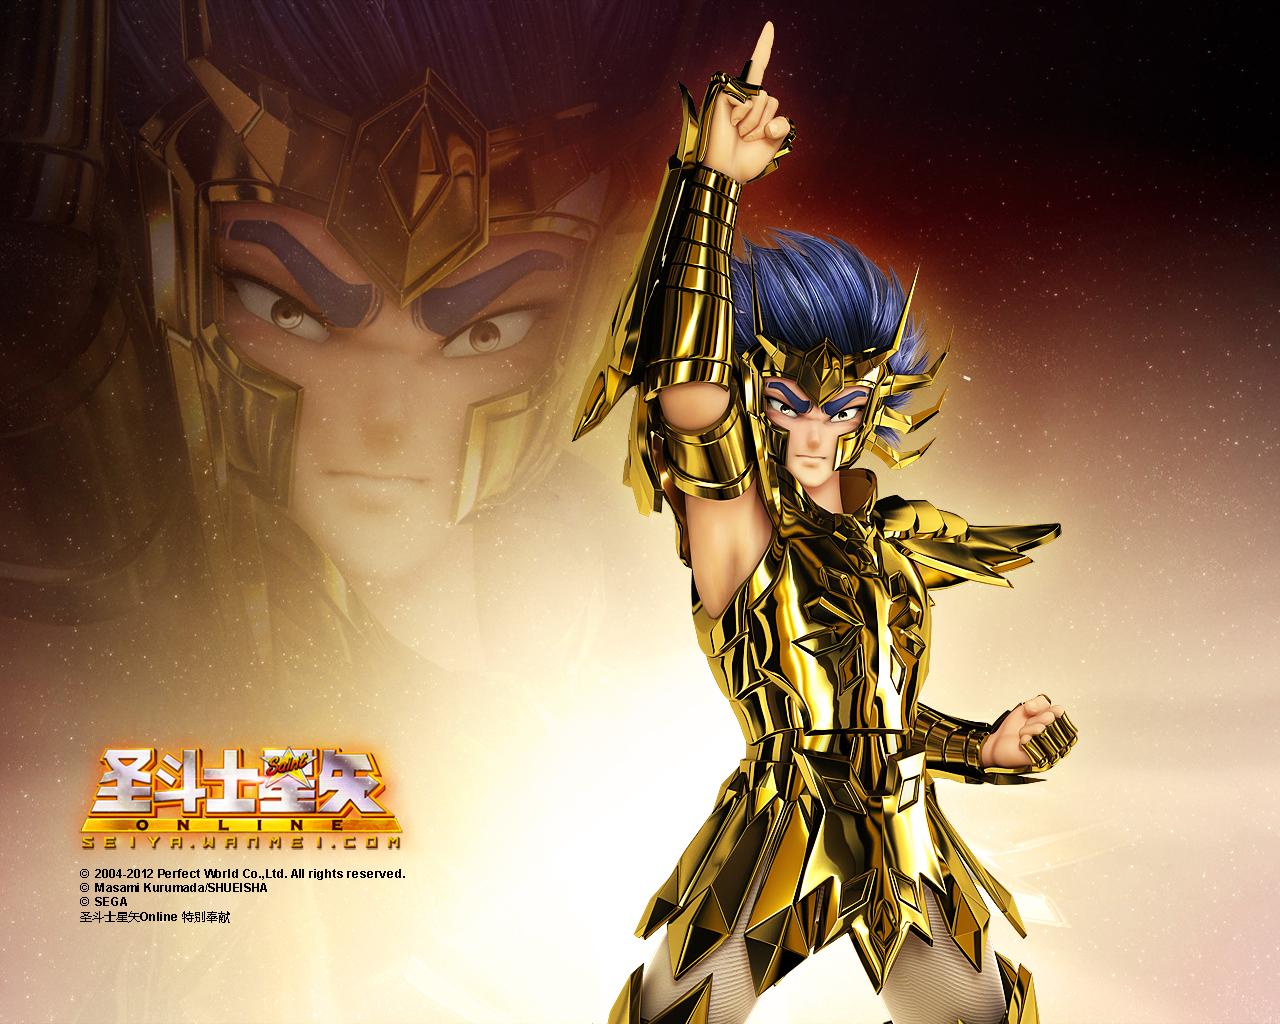 Ngắm hình nền thánh đấu sĩ Saint Seiya Online cực chất - Ảnh 4